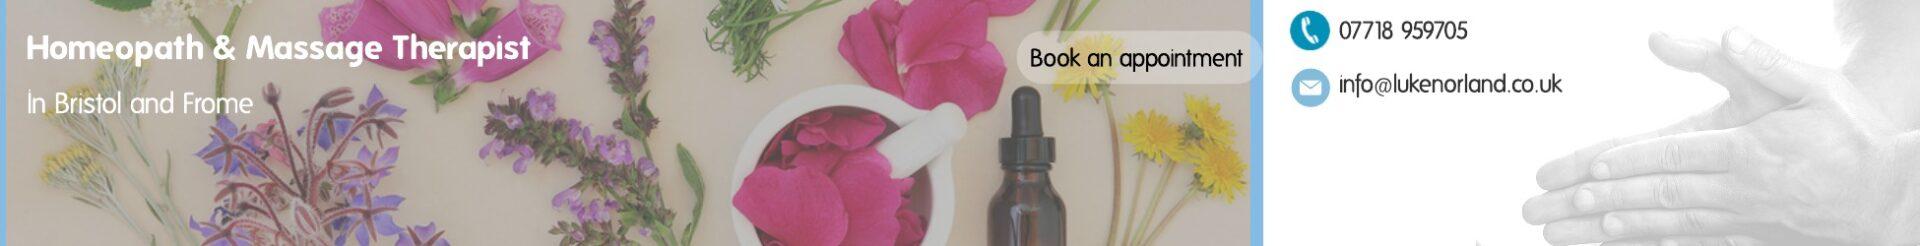 Luke Norland | Homeopath & Massage Therapist